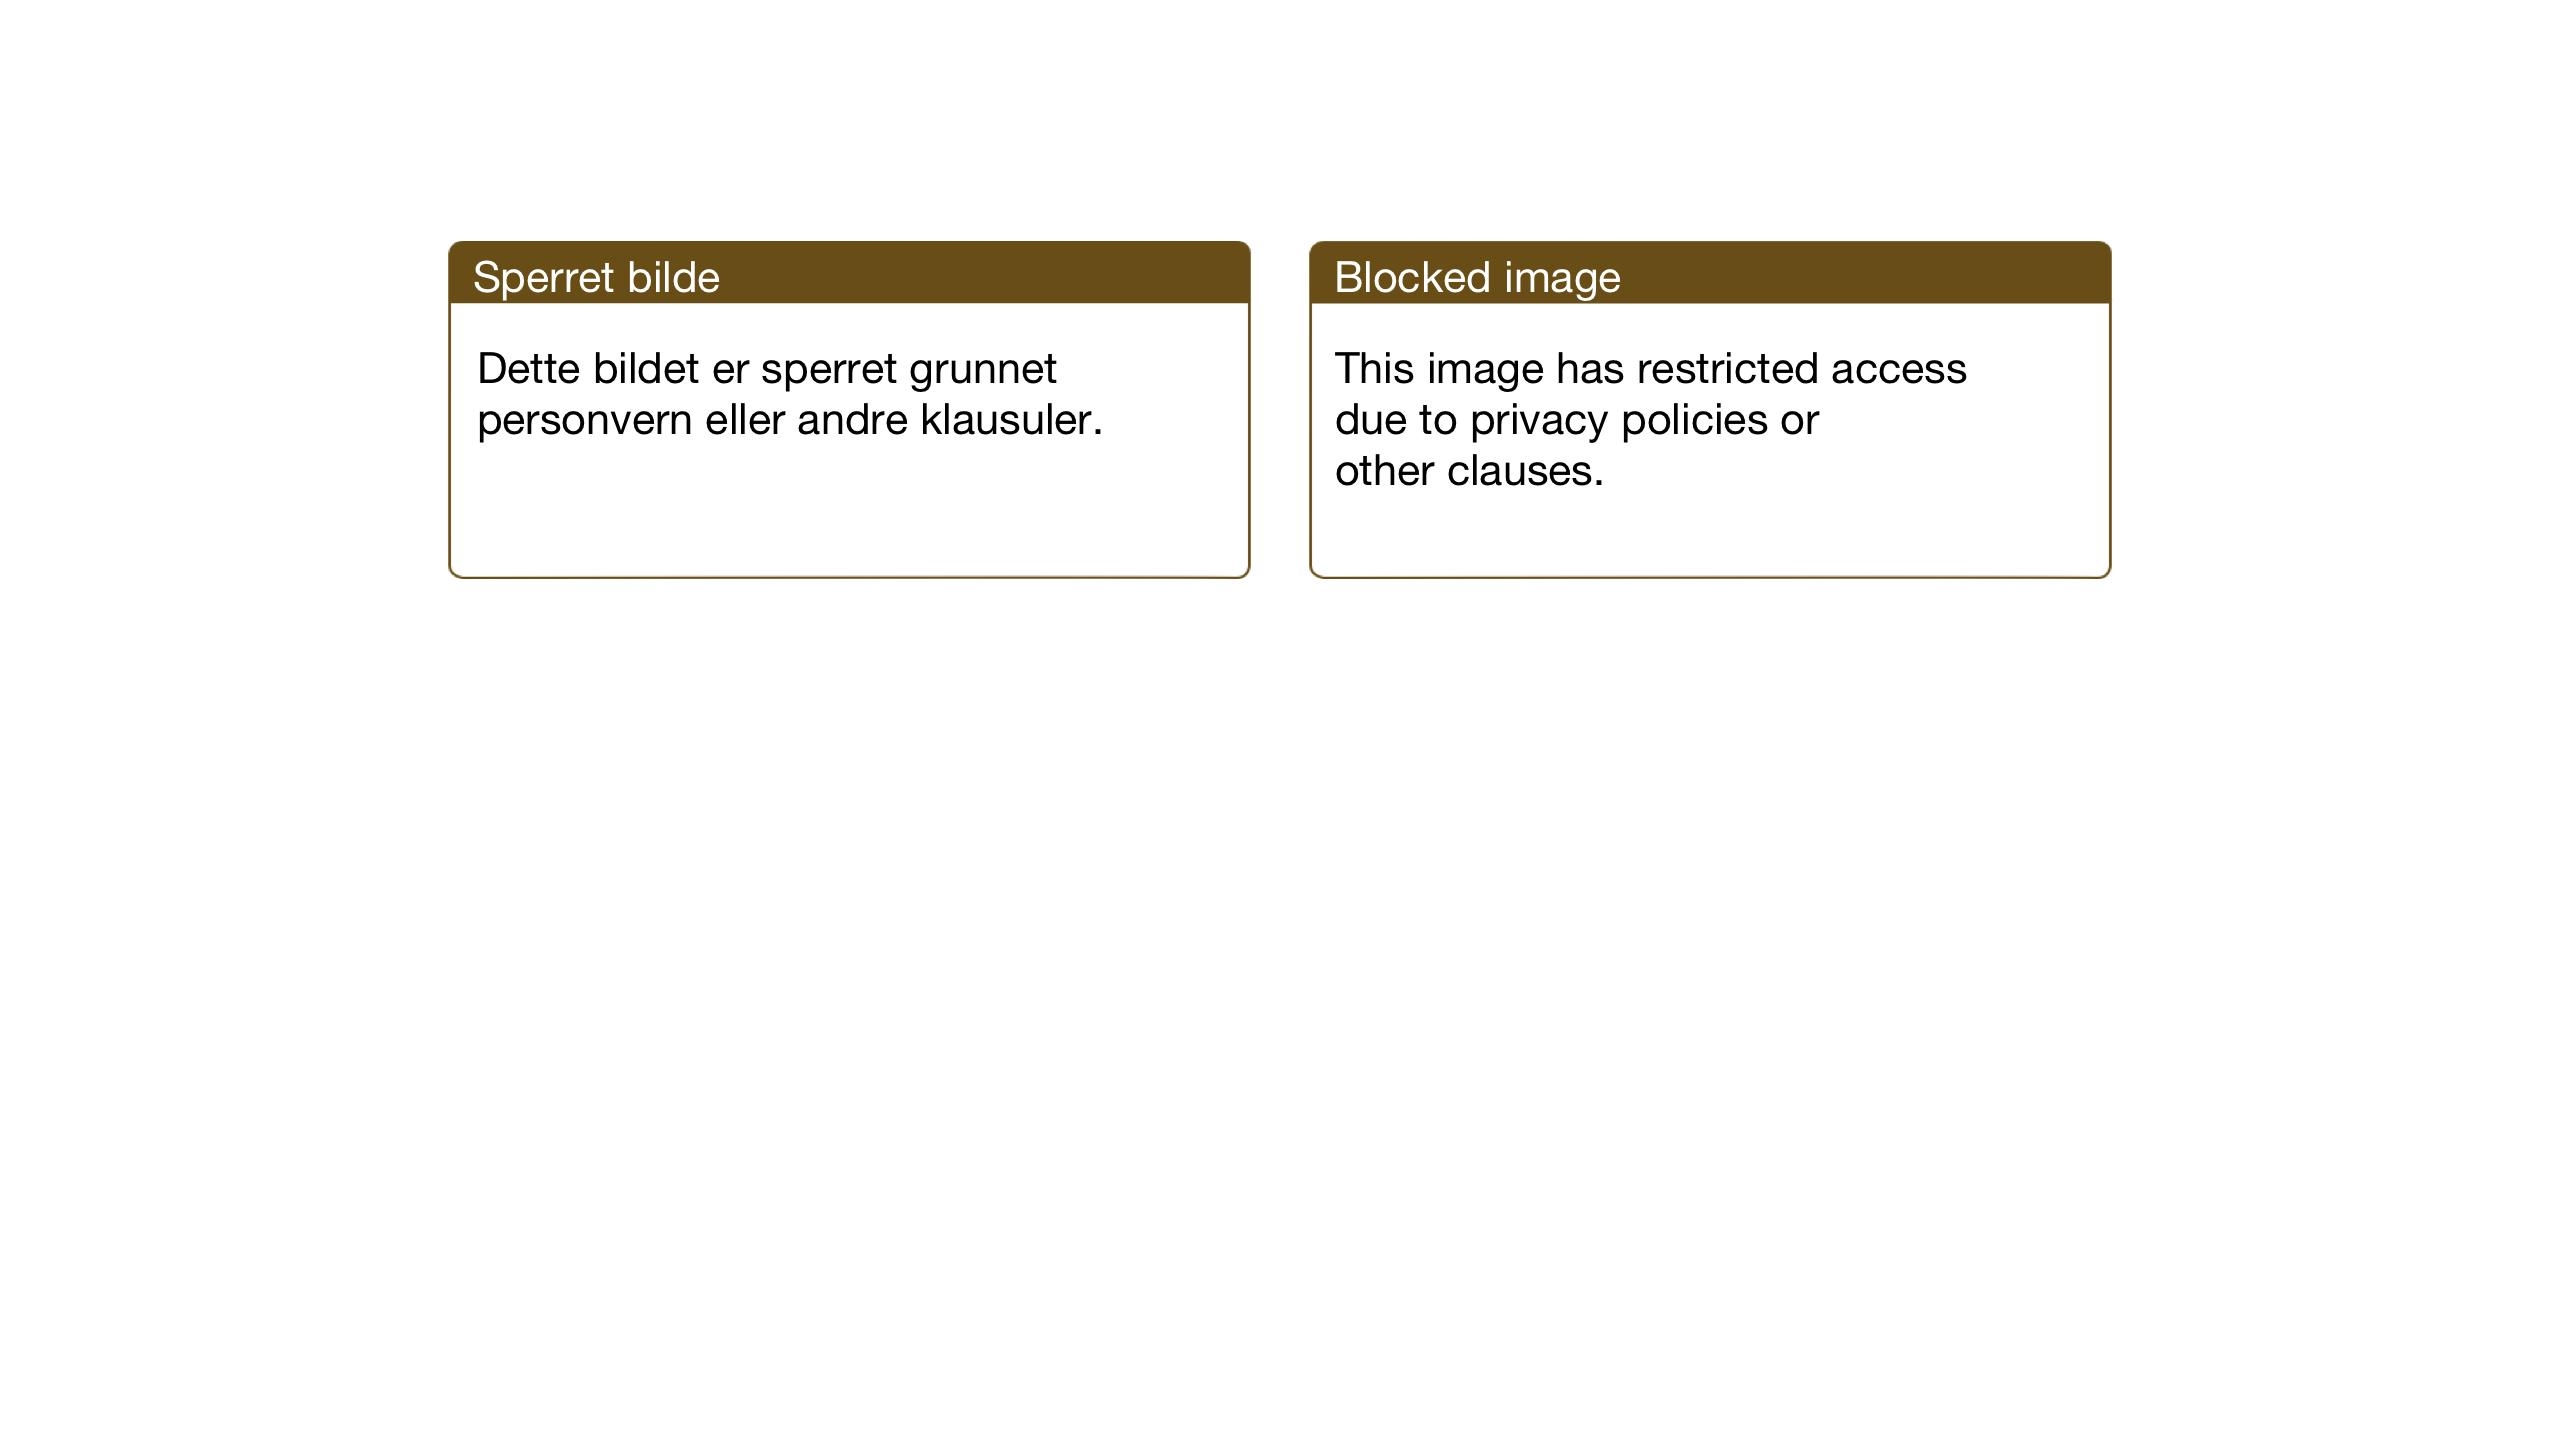 SAT, Ministerialprotokoller, klokkerbøker og fødselsregistre - Sør-Trøndelag, 667/L0799: Klokkerbok nr. 667C04, 1929-1950, s. 26